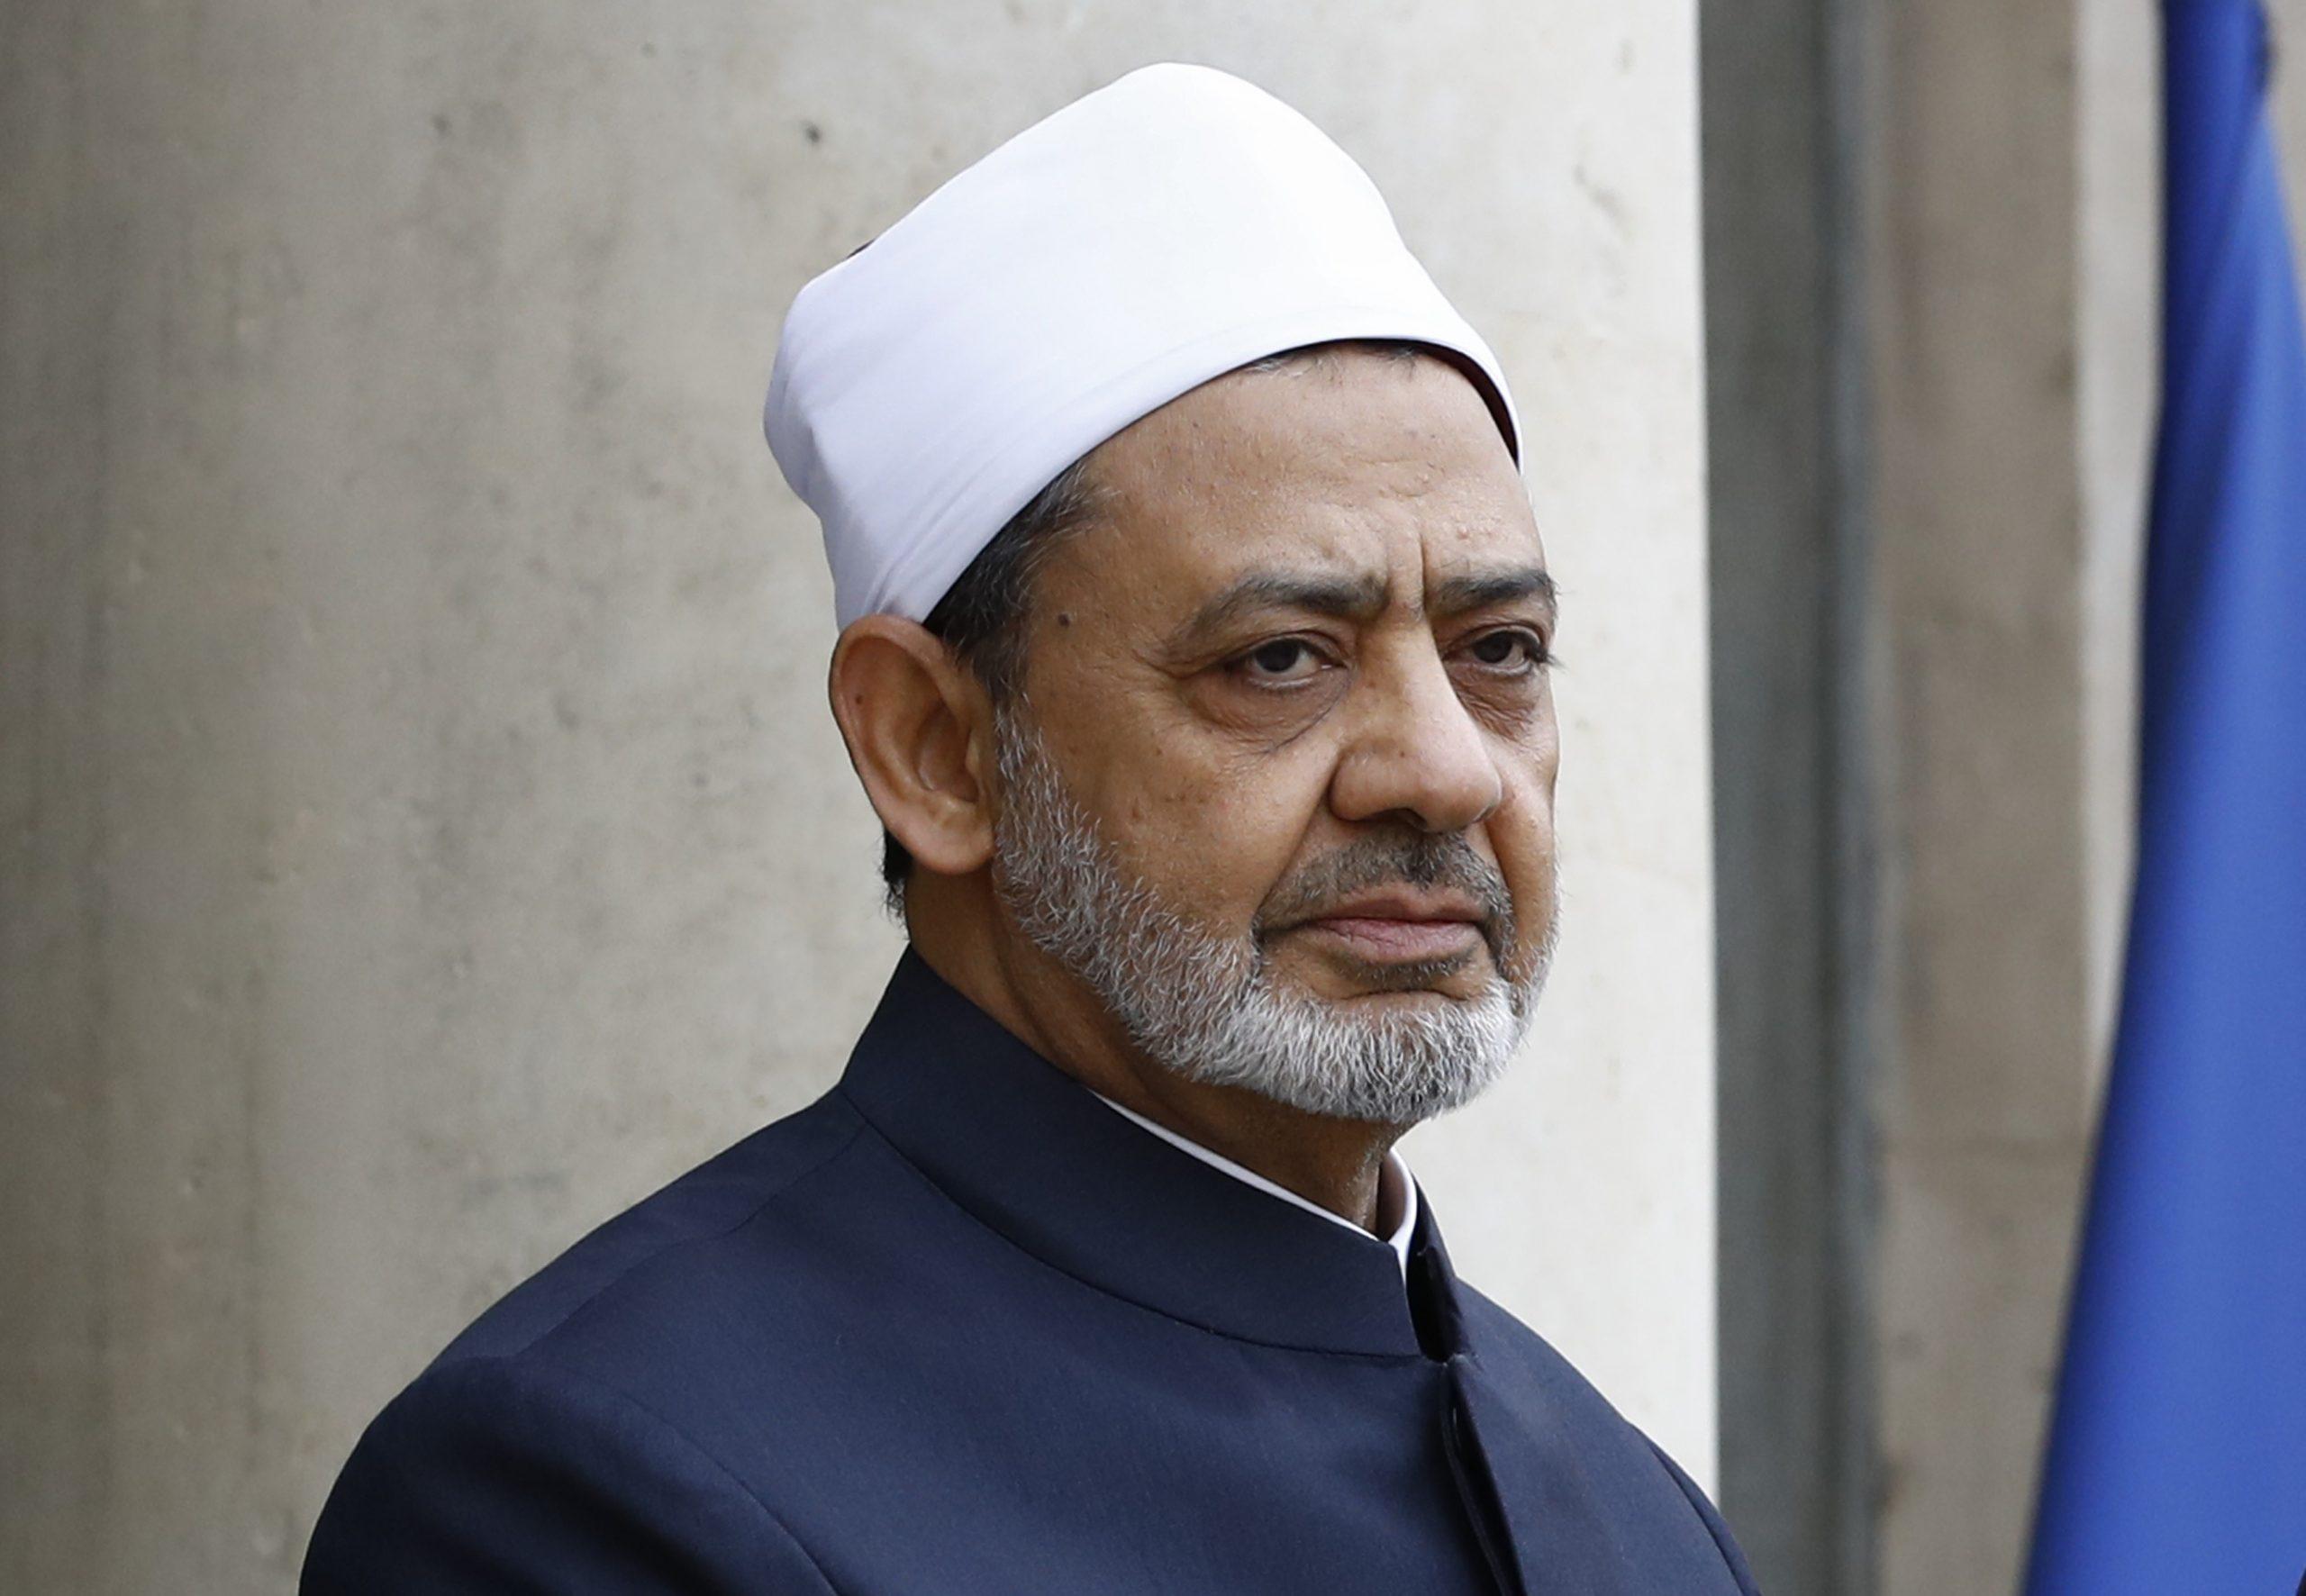 دور مؤسسة الأزهر وشيخها الإمام الدكتور أحمد الطيب، في ثورة الـ 30 من يونيو